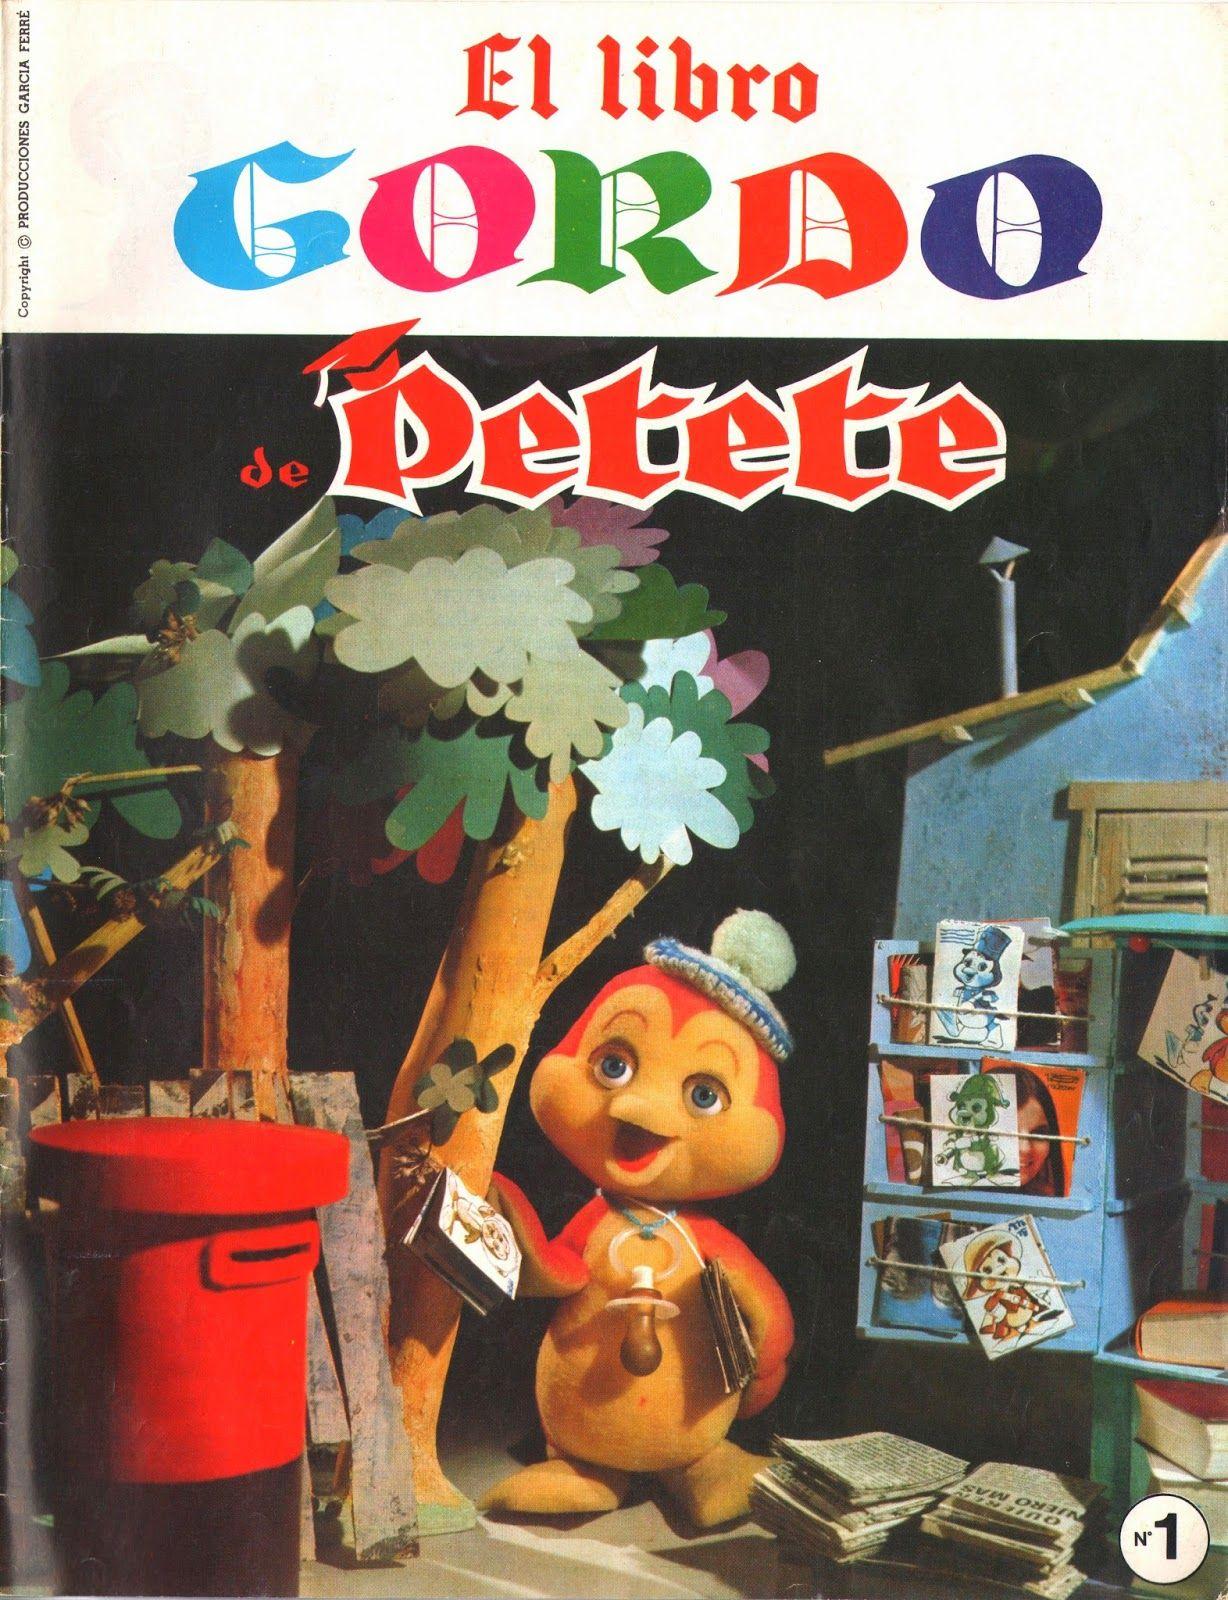 Http Thedoctorwho1967 Blogspot Com Es 2014 11 El Libro Gordo De Petete Html Recuerdos De La Infancia Tiras Cómica Topoyiyo